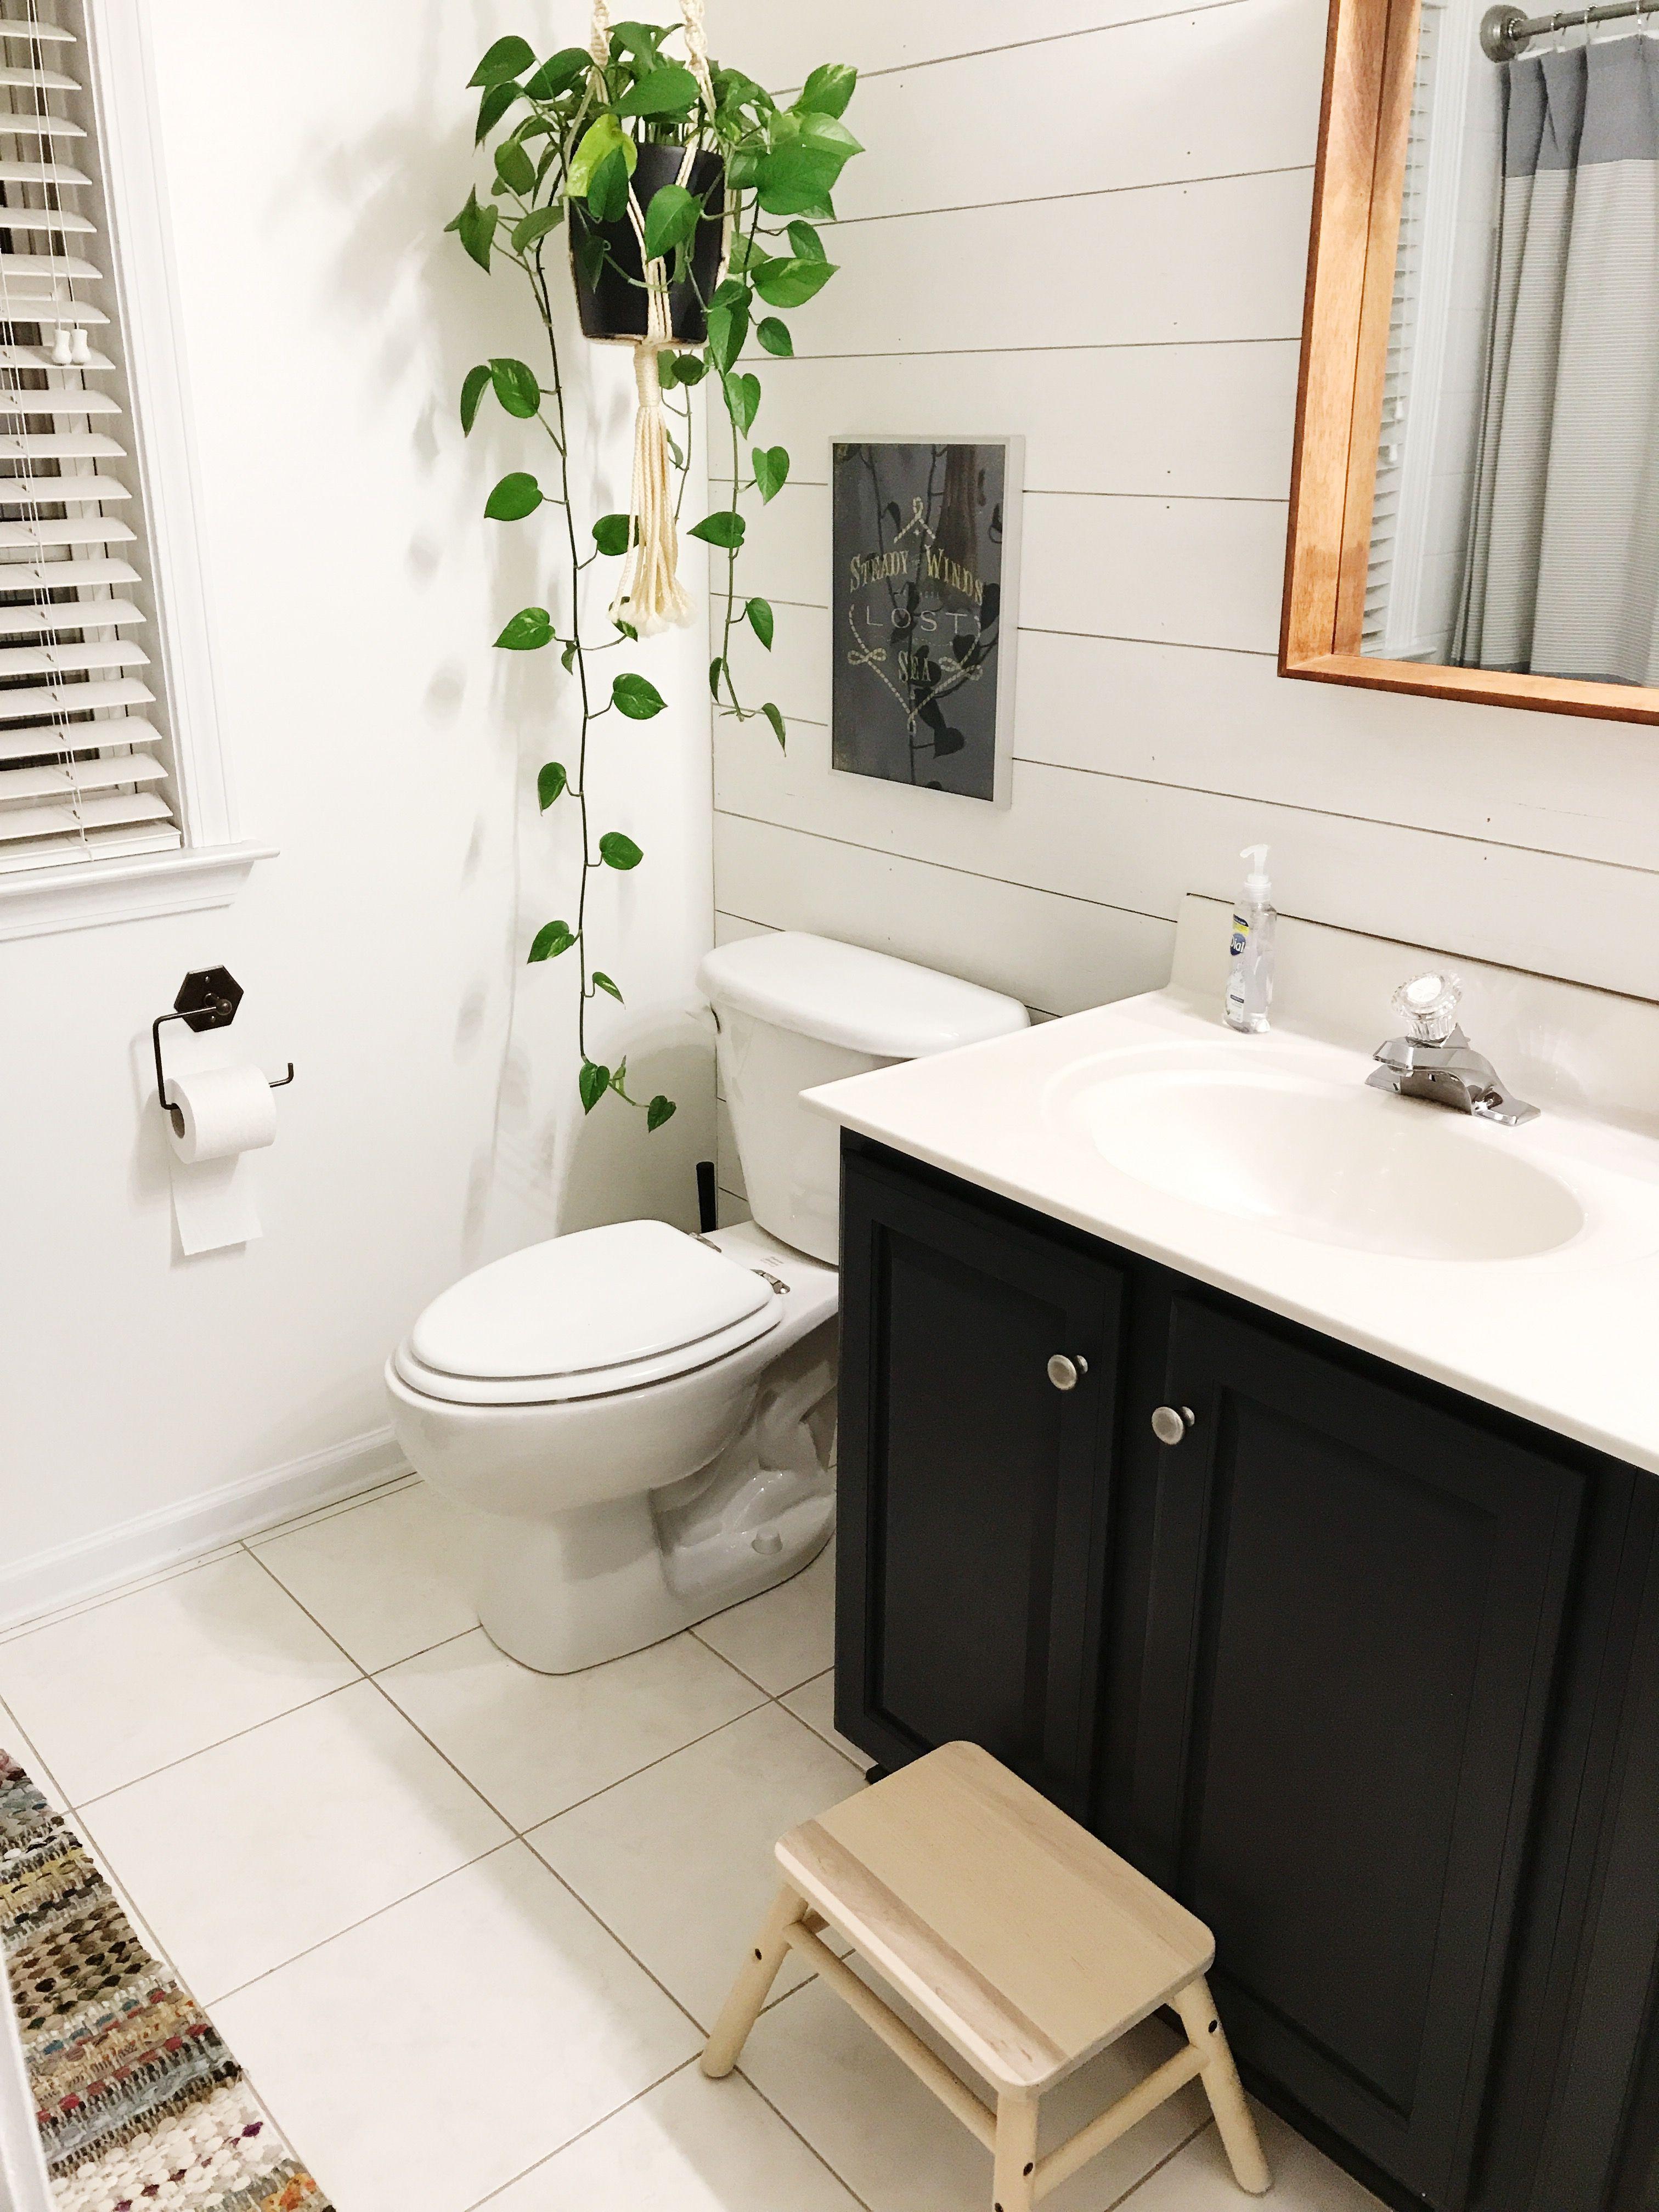 Livingoncrust Easy Bathroom Update Shiplap Wall In Bathroom